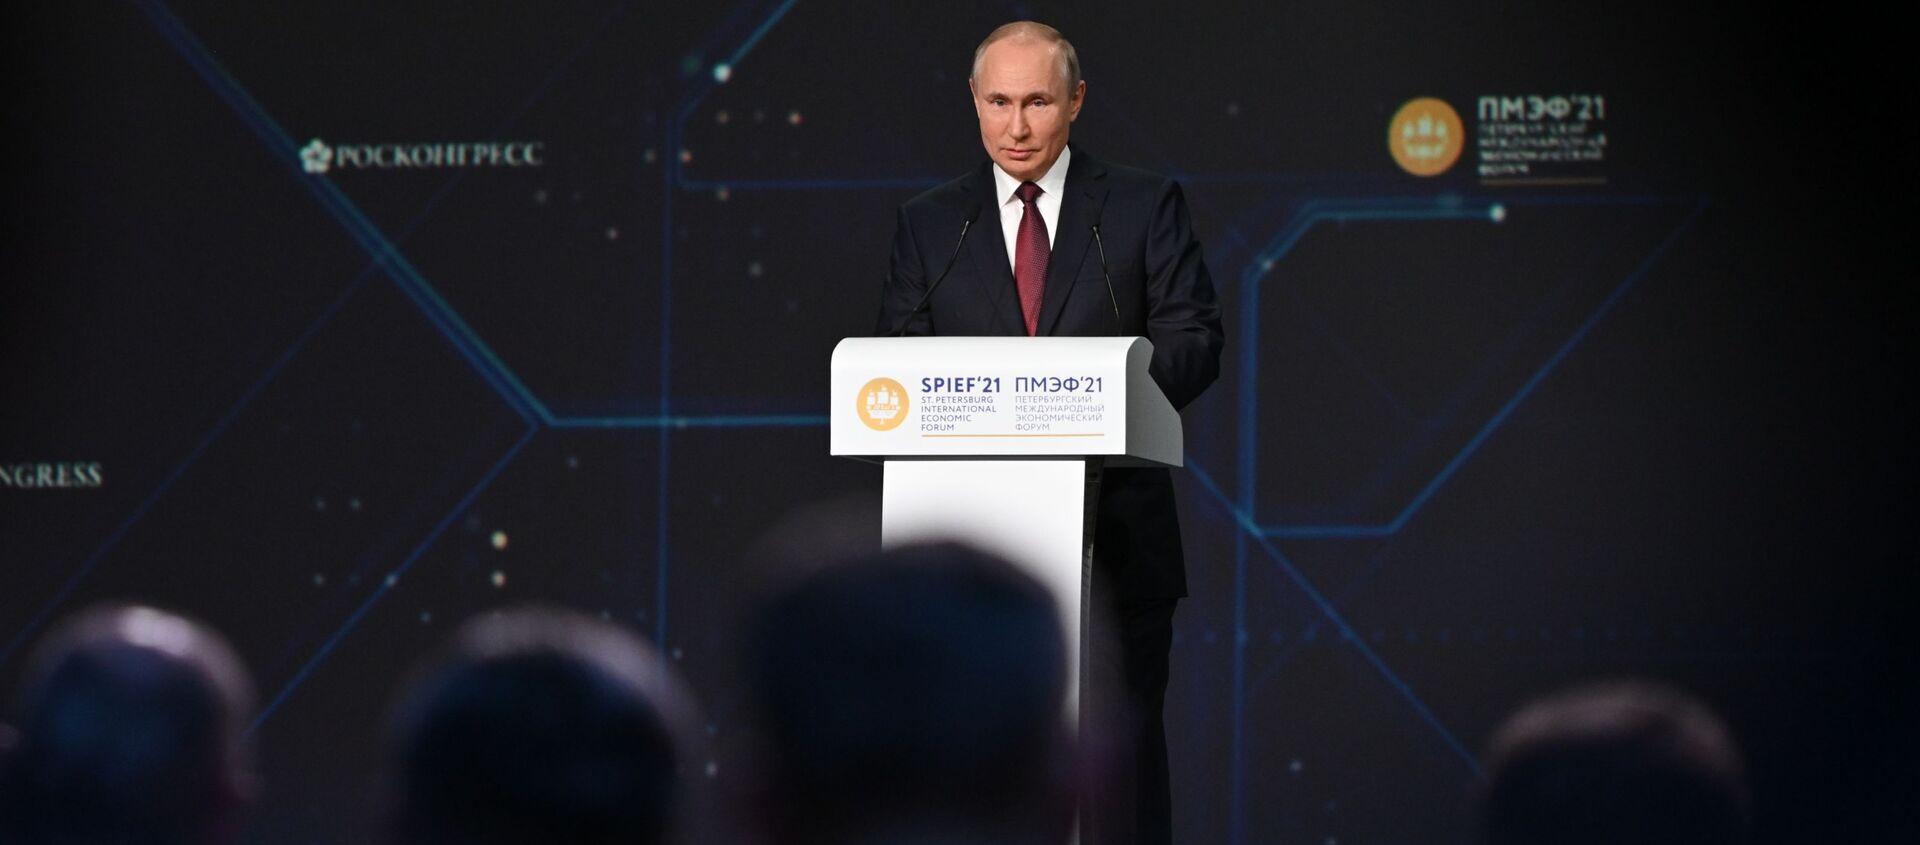 Tổng thống Nga Vladimir Putin phát biểu tại Diễn đàn Kinh tế Quốc tế St.Petersburg năm 2021 - Sputnik Việt Nam, 1920, 04.06.2021